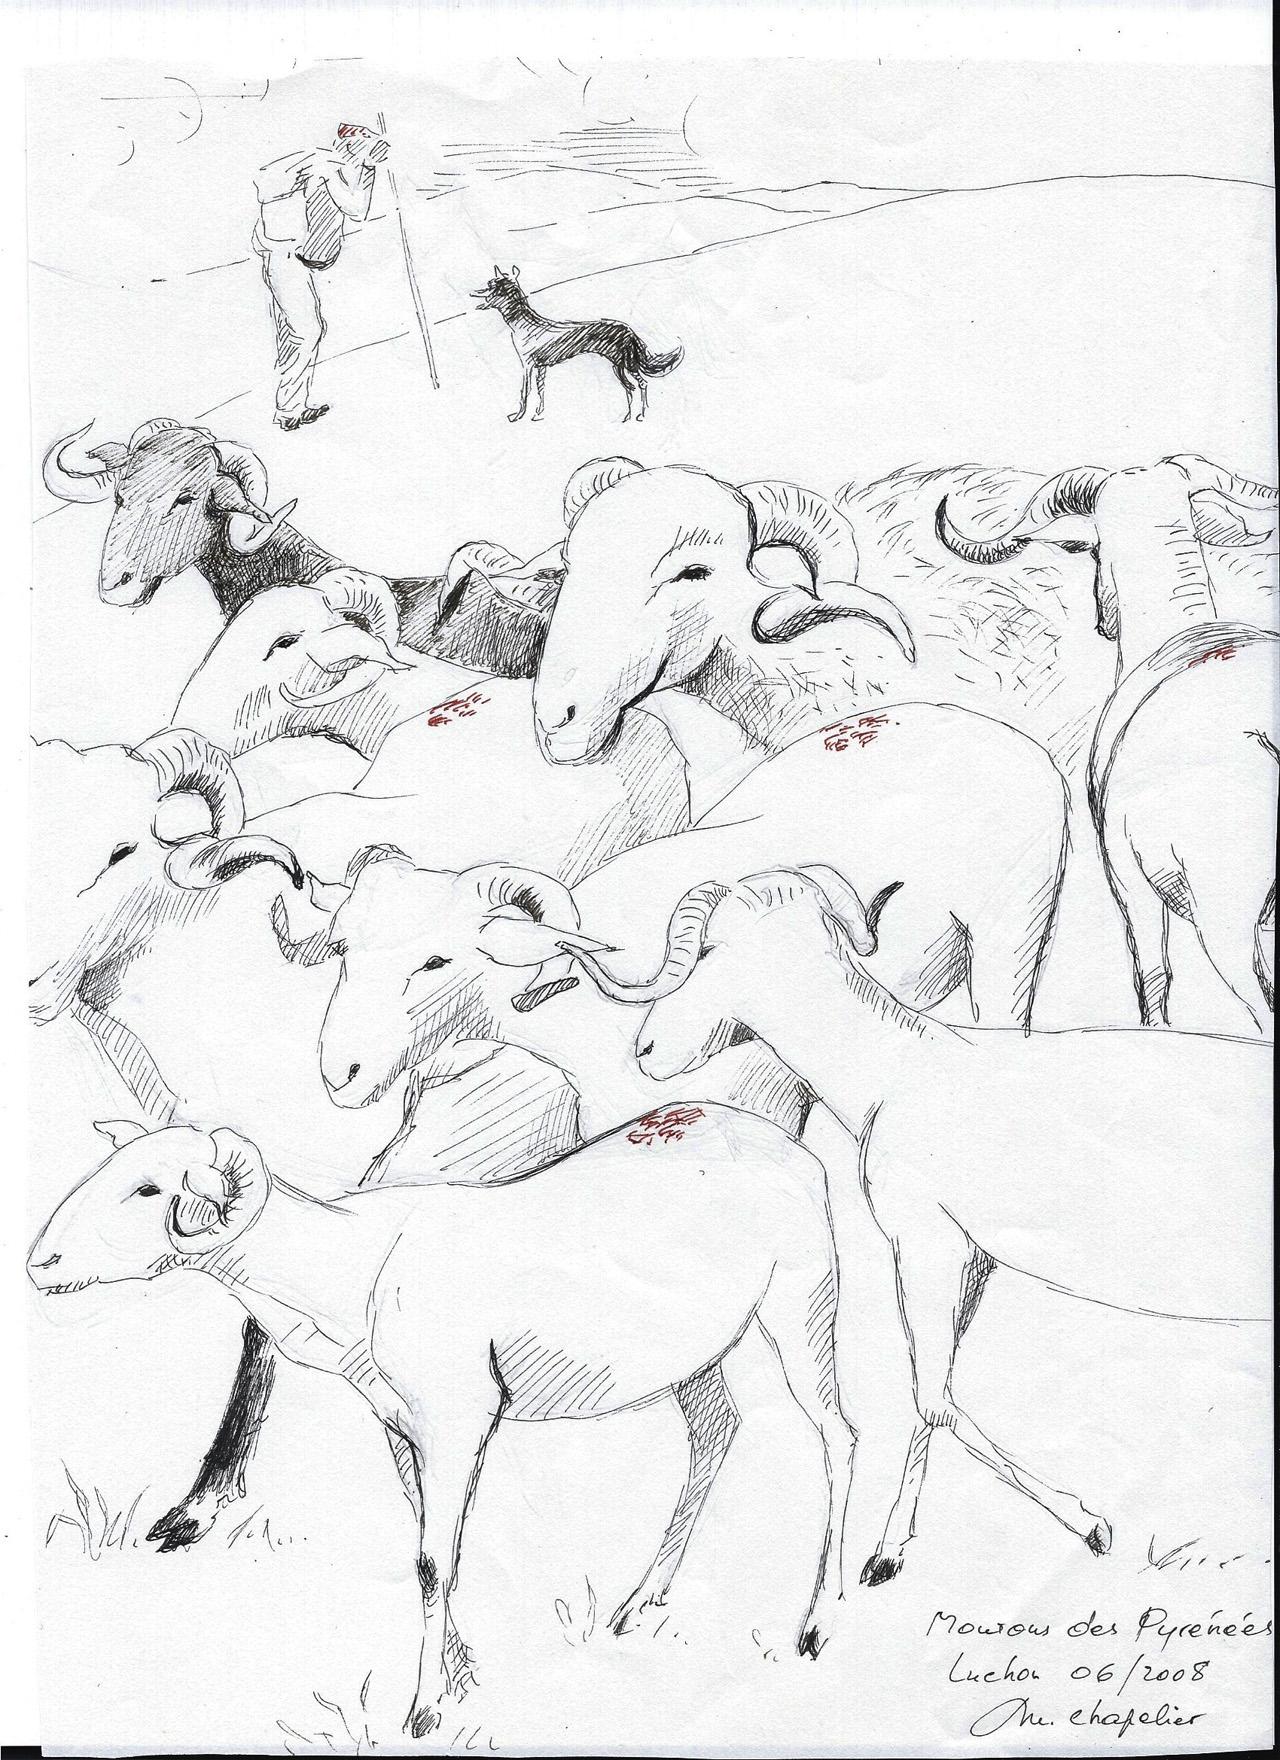 Moutons des Pyrénées